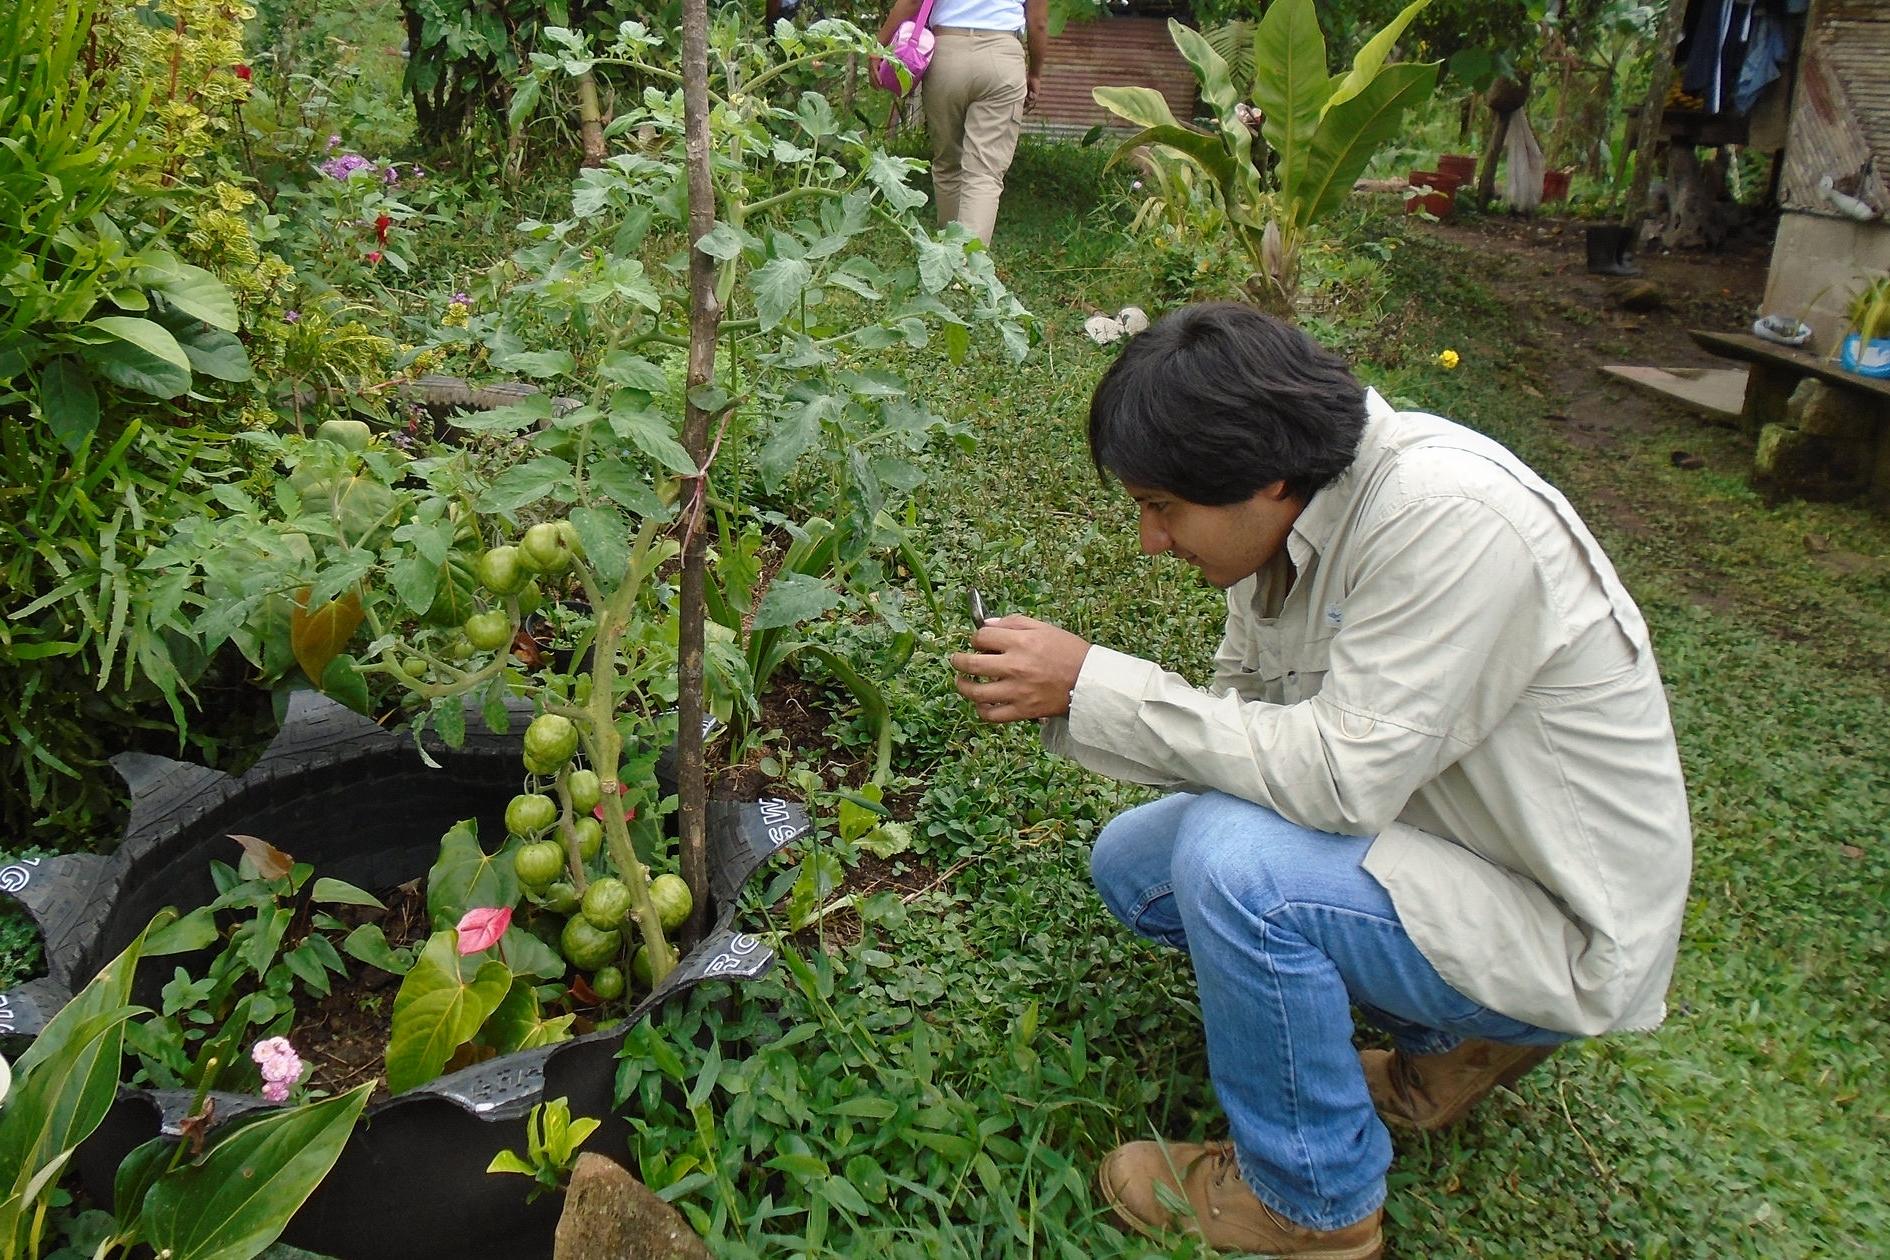 Abner inspecting a garden in Veraguas